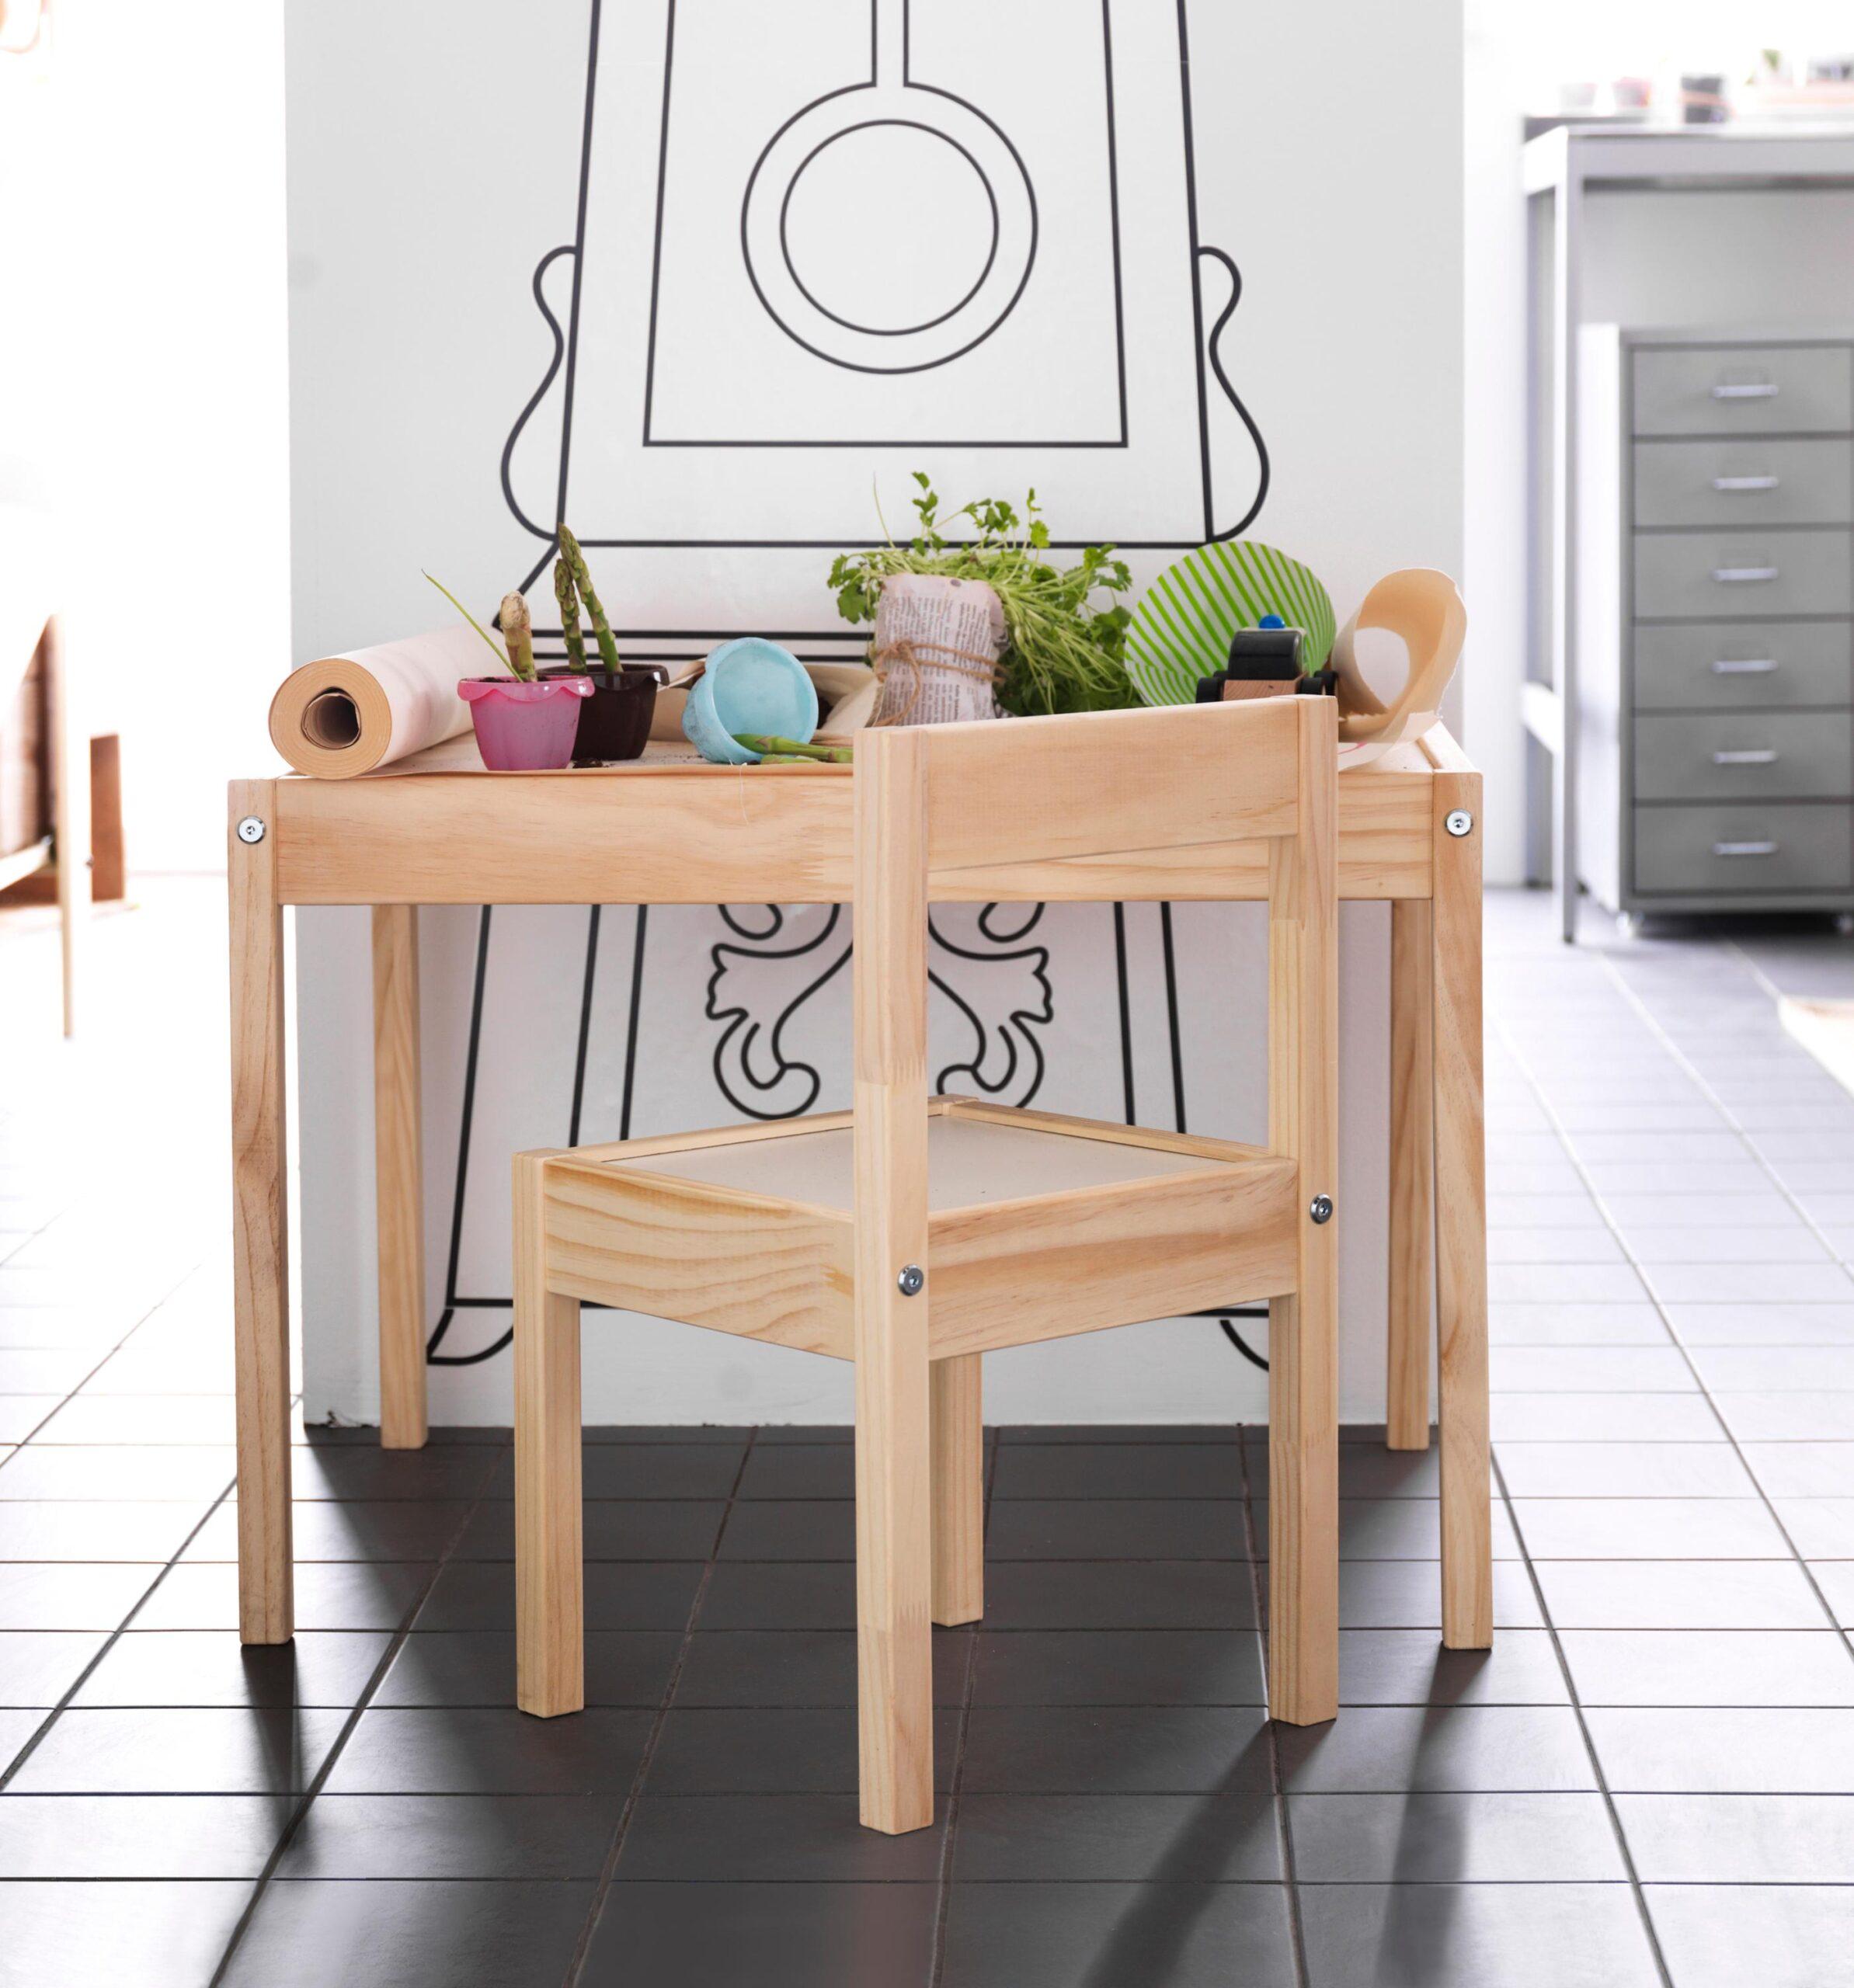 Full Size of Single Küche Ikea Kche Bilder Ideen Couch Zusammenstellen Gardinen Für Landhausküche Grau Stengel Miniküche U Form Blende L Form Holzbrett Hängeschrank Wohnzimmer Single Küche Ikea